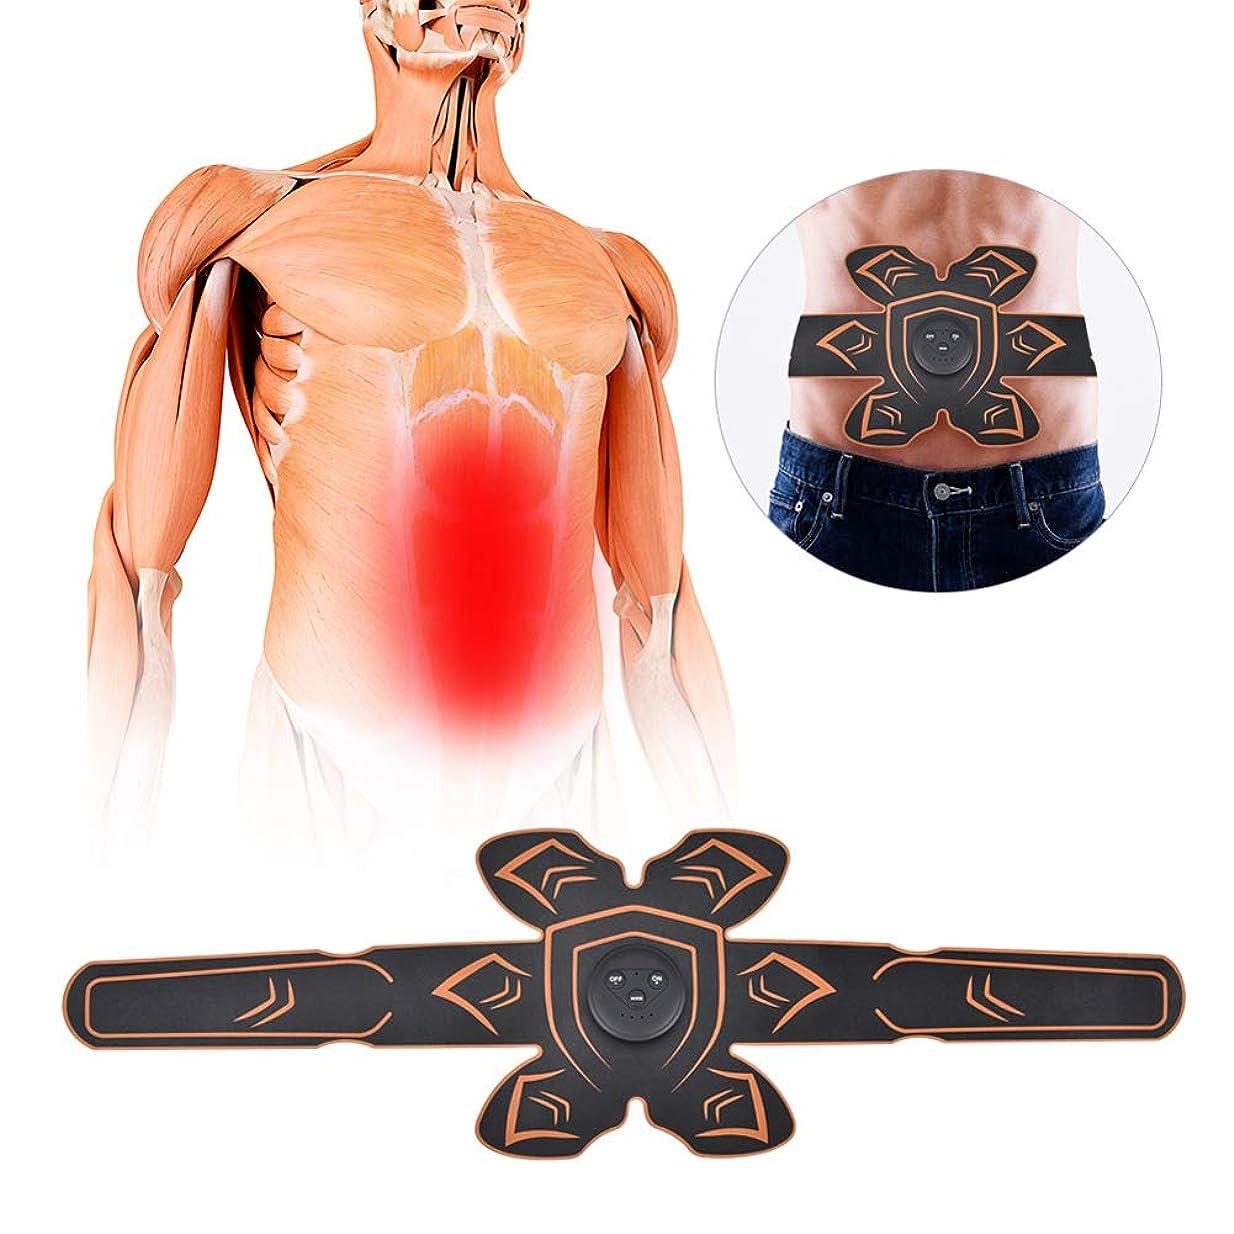 印刷する共産主義者程度腹部刺激装置、EMS男性および女性の腹部調整ストラップ、腕と脚のトレーナー、オフィス、ホームジムのフィットネス機器